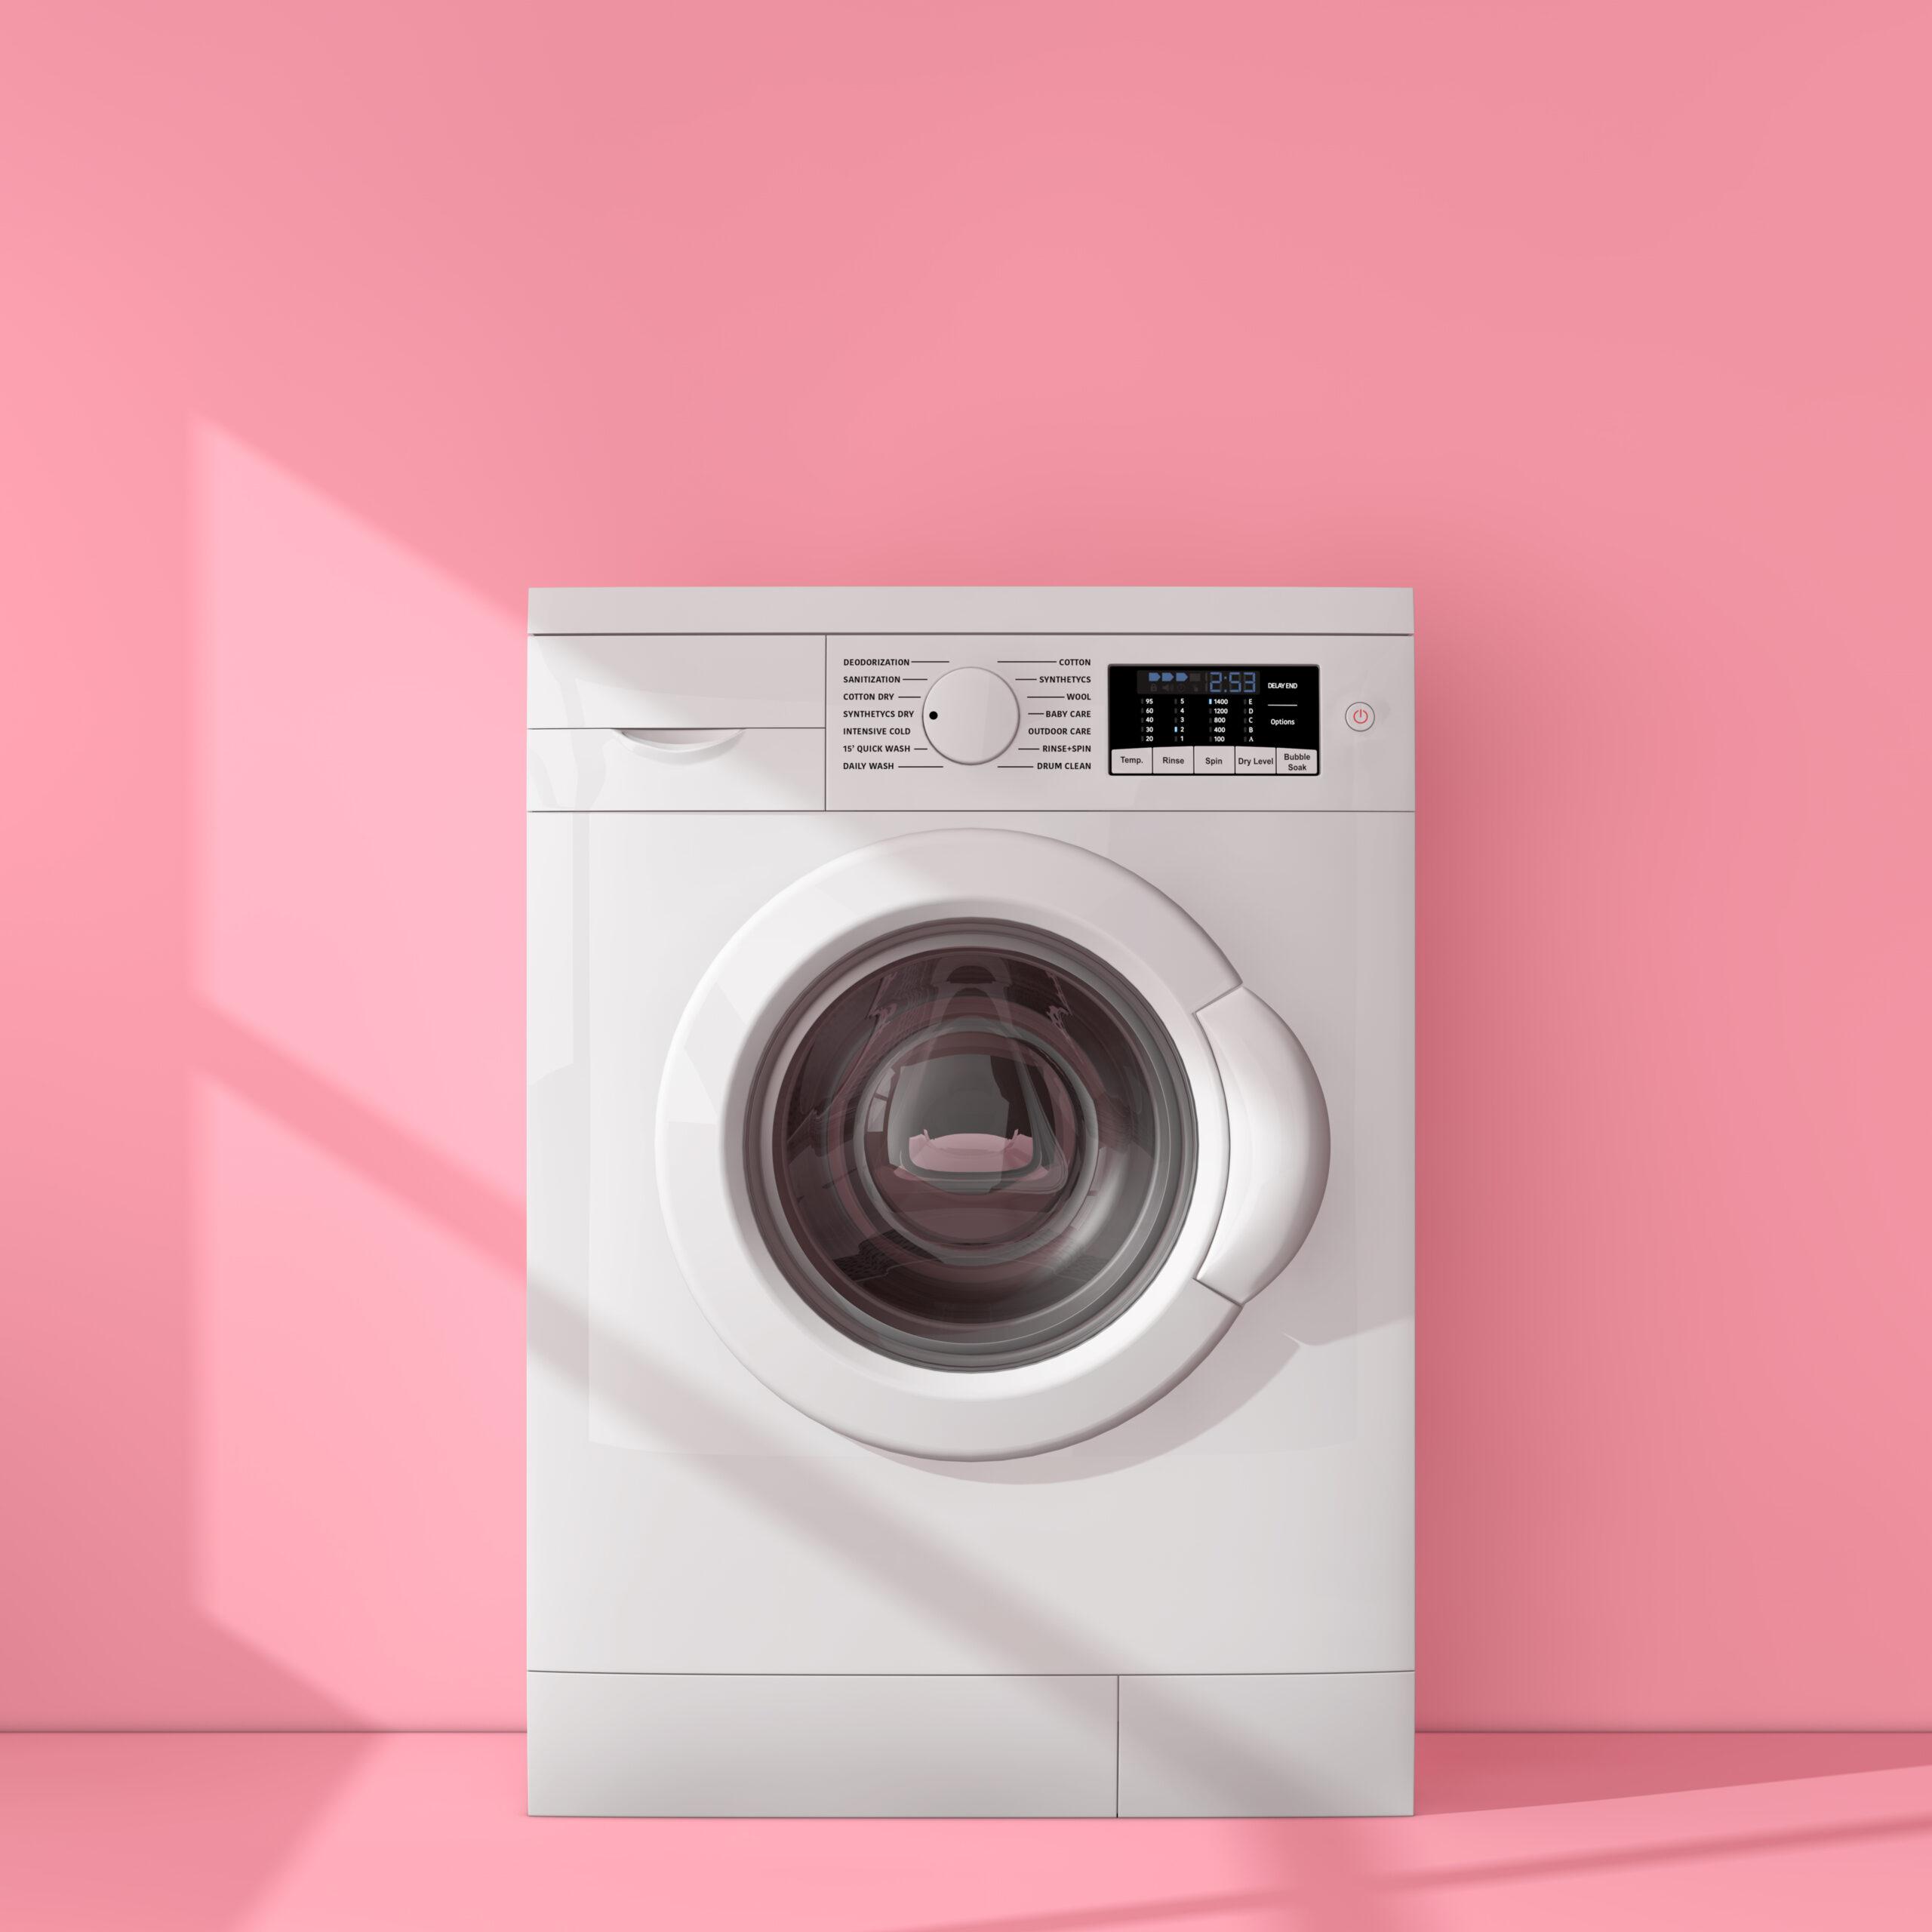 上手な洗濯方法が知りたい~!